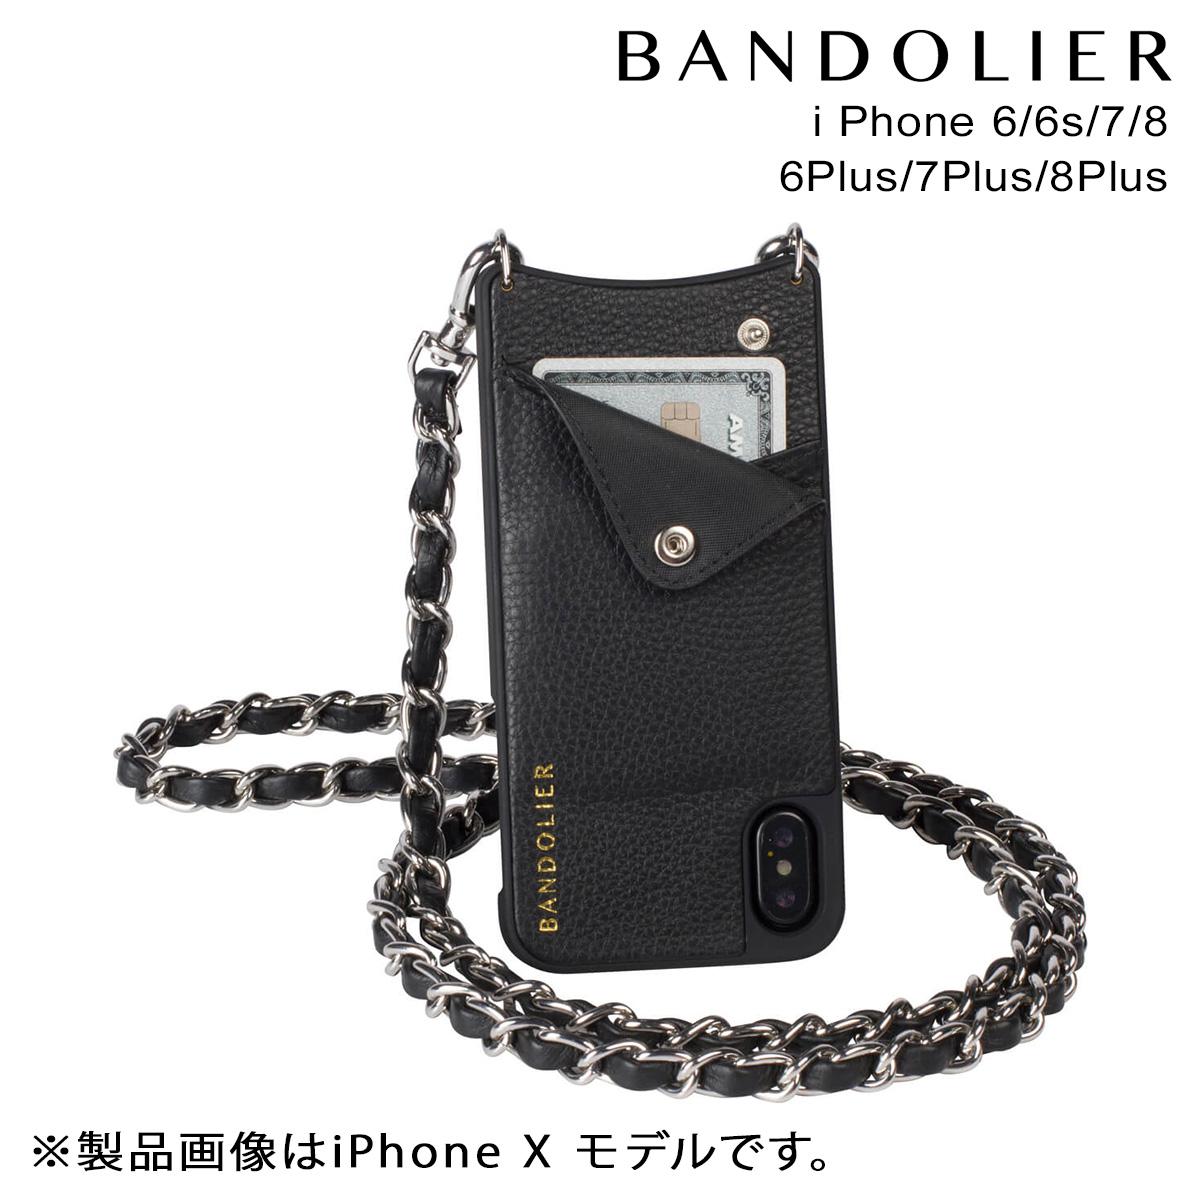 BANDOLIER バンドリヤー iPhone SE 8 7 6 6s/Plus ケース スマホ 携帯 アイフォン プラス LUCY SILVER メンズ レディース